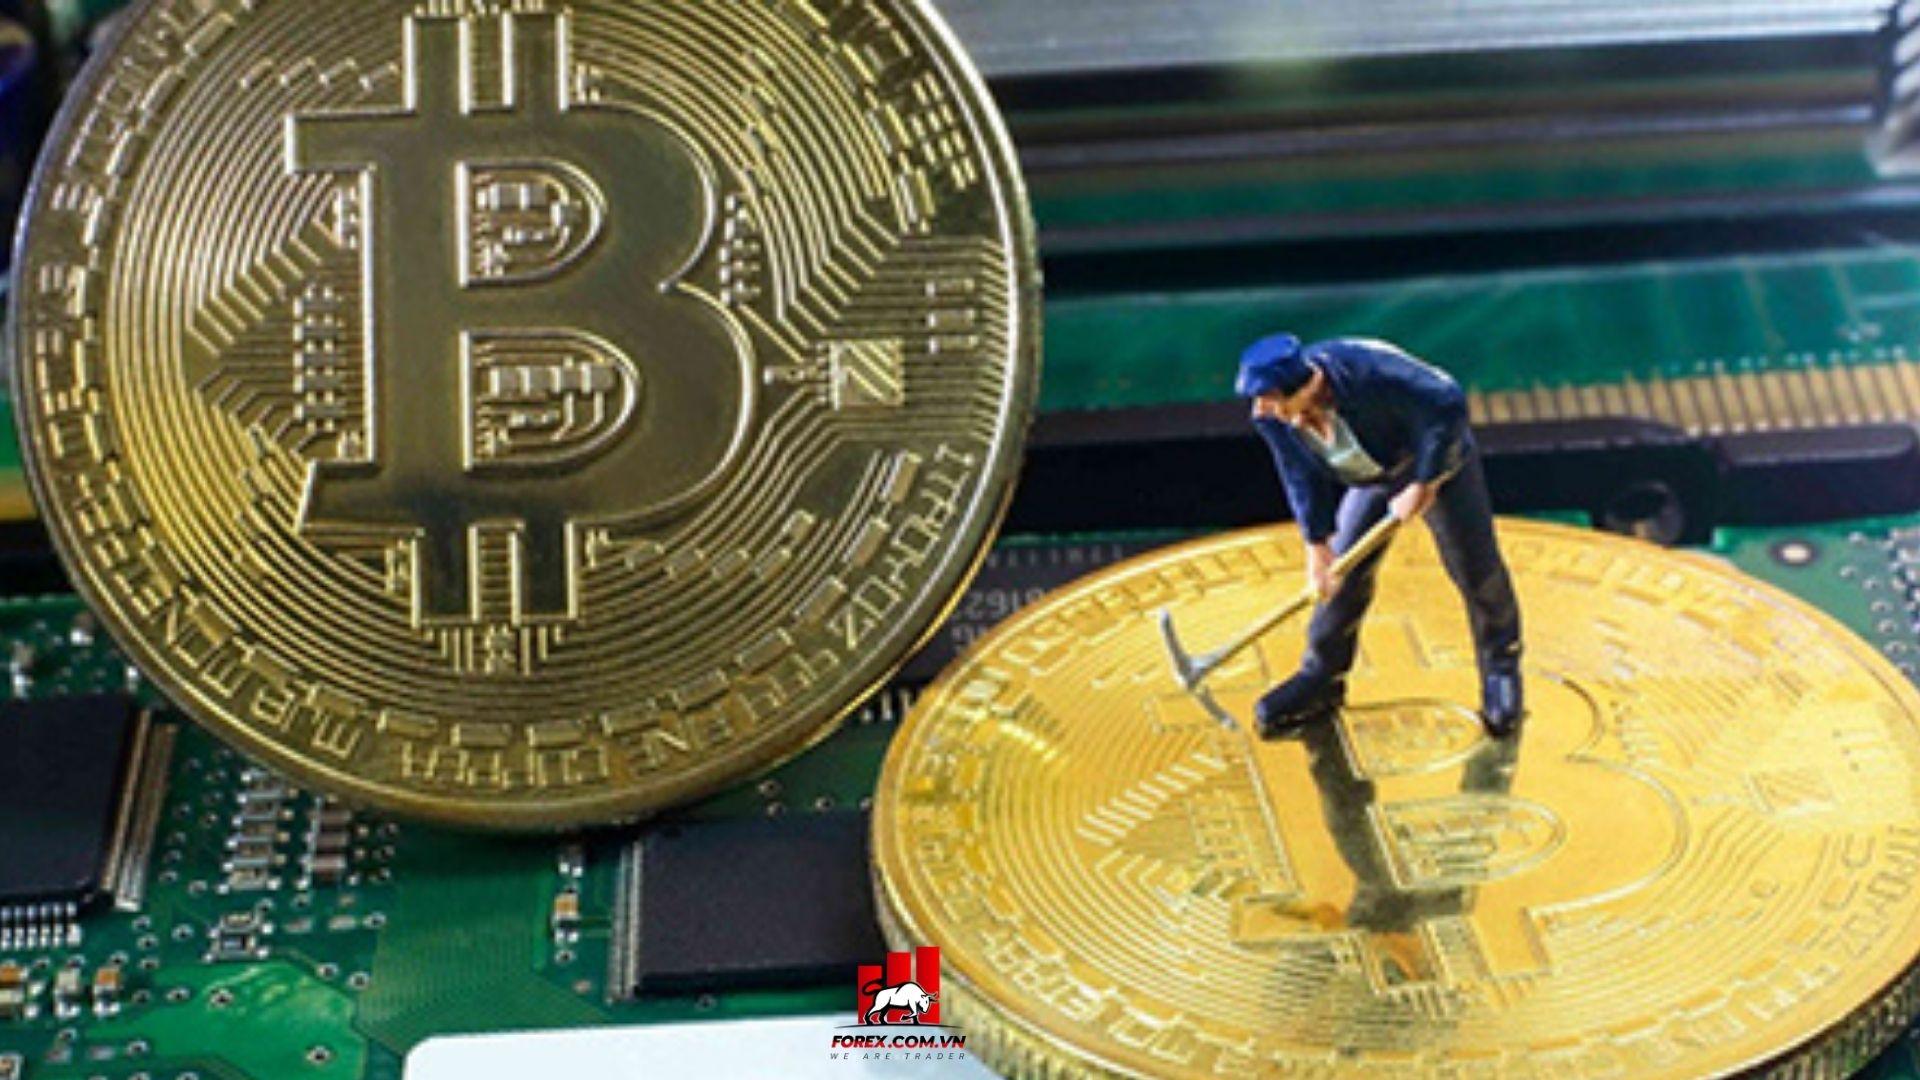 giá bitcoin giảm khi Ấn Độ xem xét cấm tiền điện tử